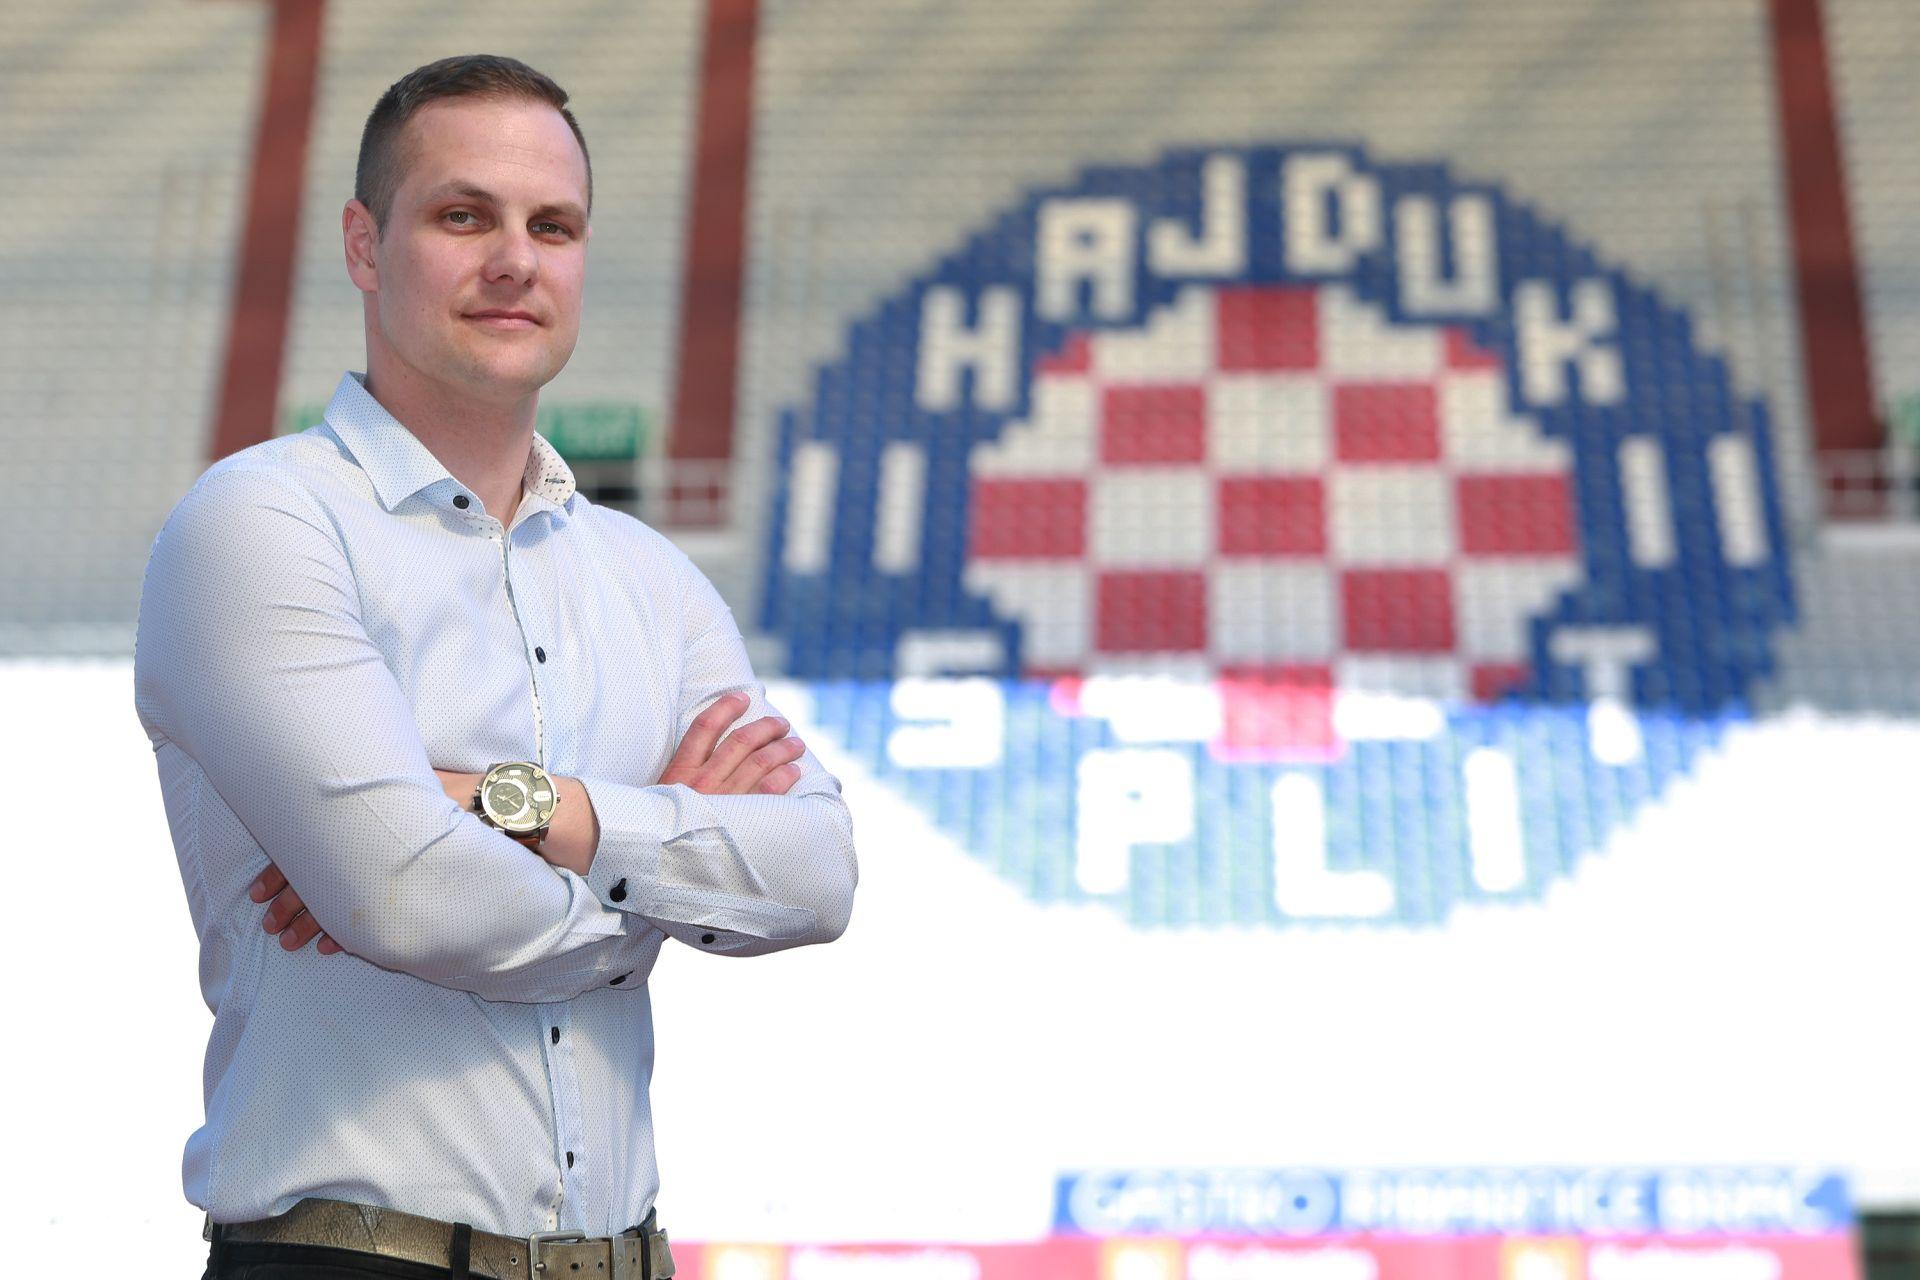 IVAN KOS: Cilj je 65 bodova i Europska liga, od prodaje igrača od 25 do 30 milijuna kuna